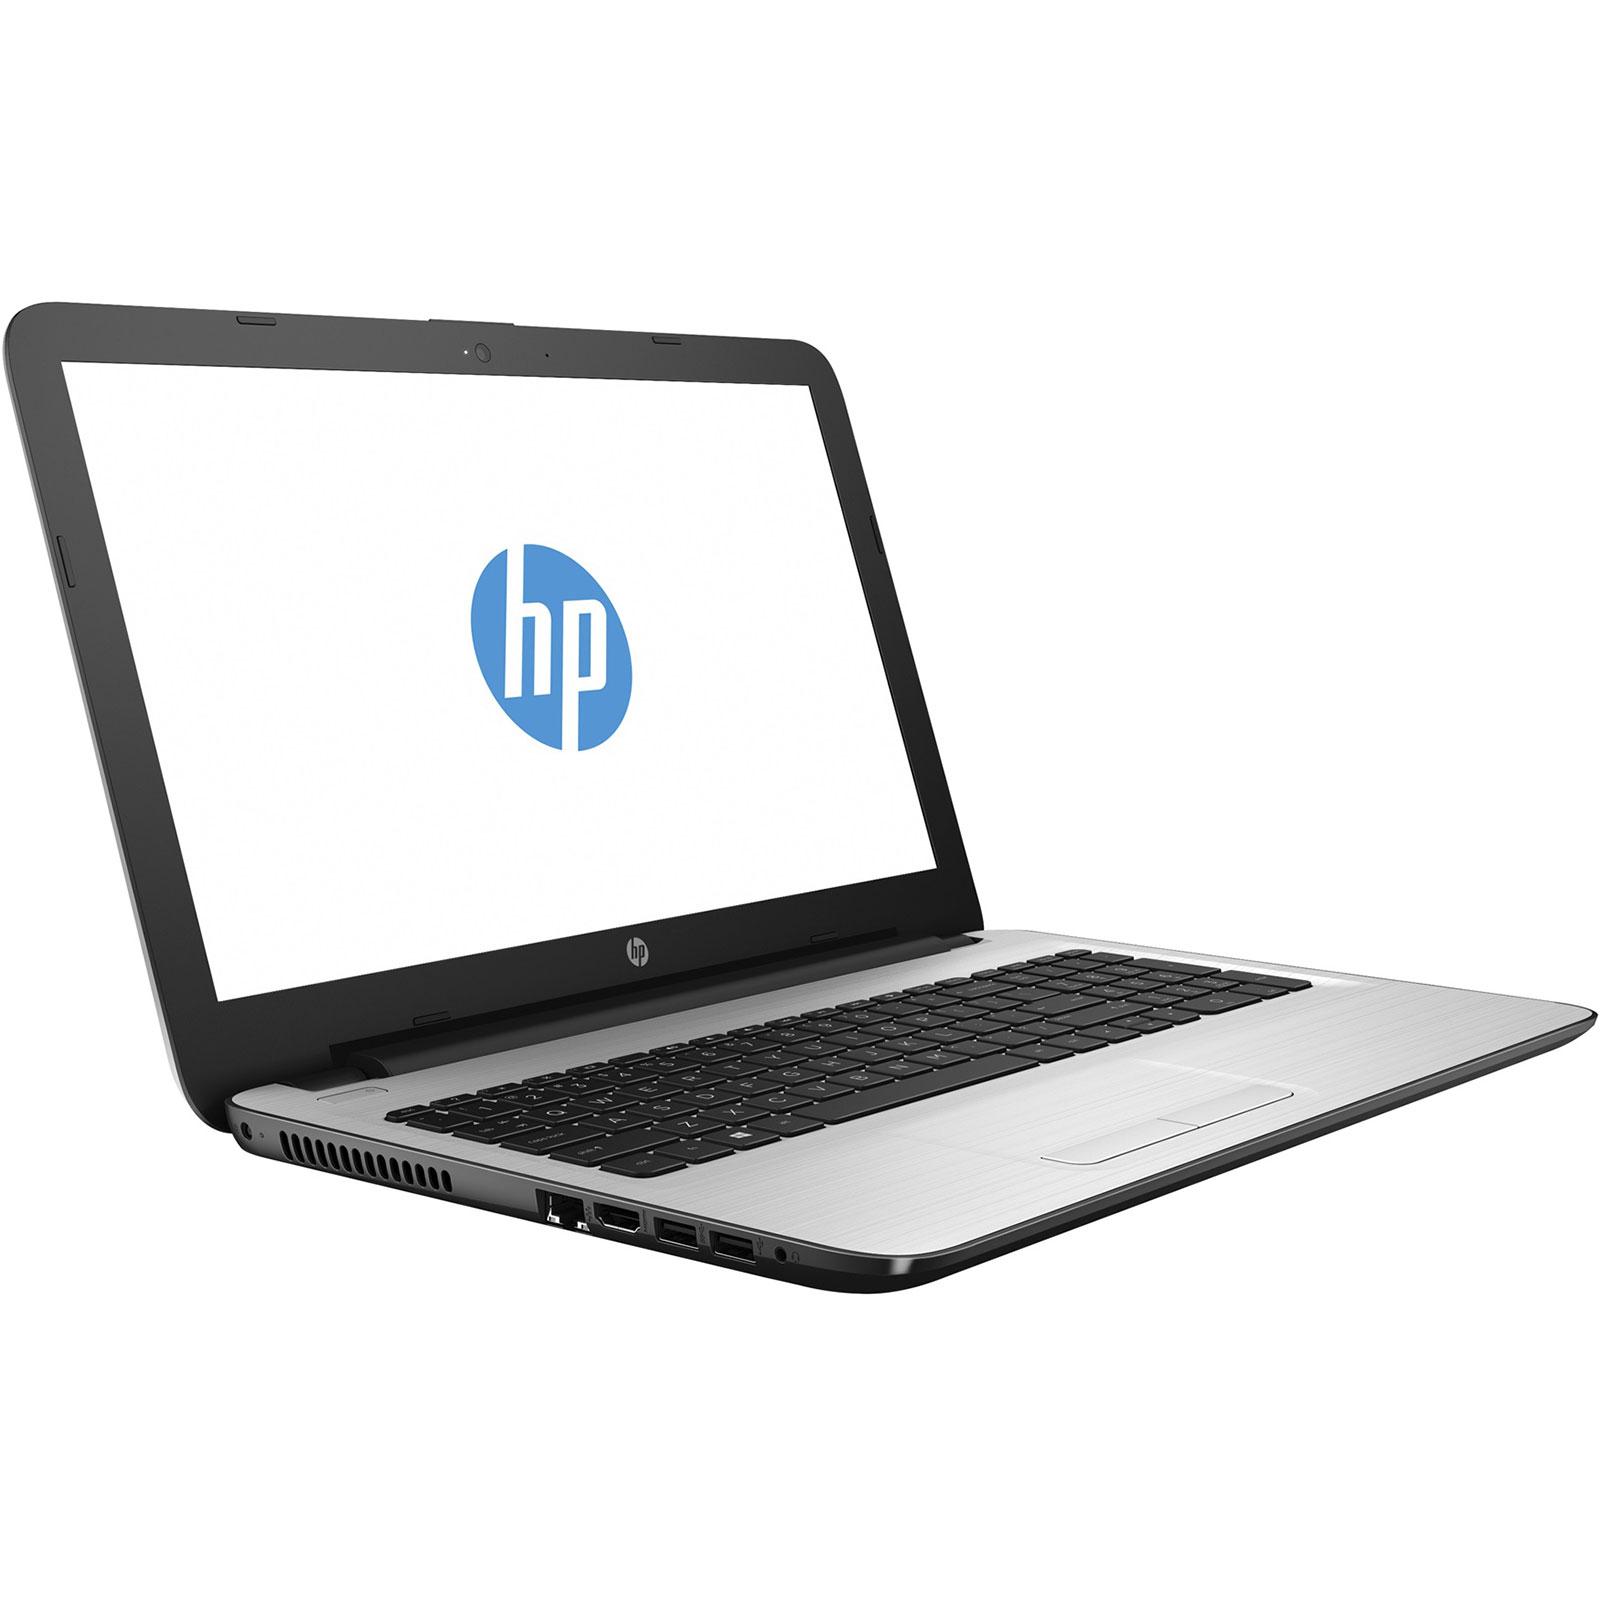 ordinateur portable hp blanc 15.6 pouces